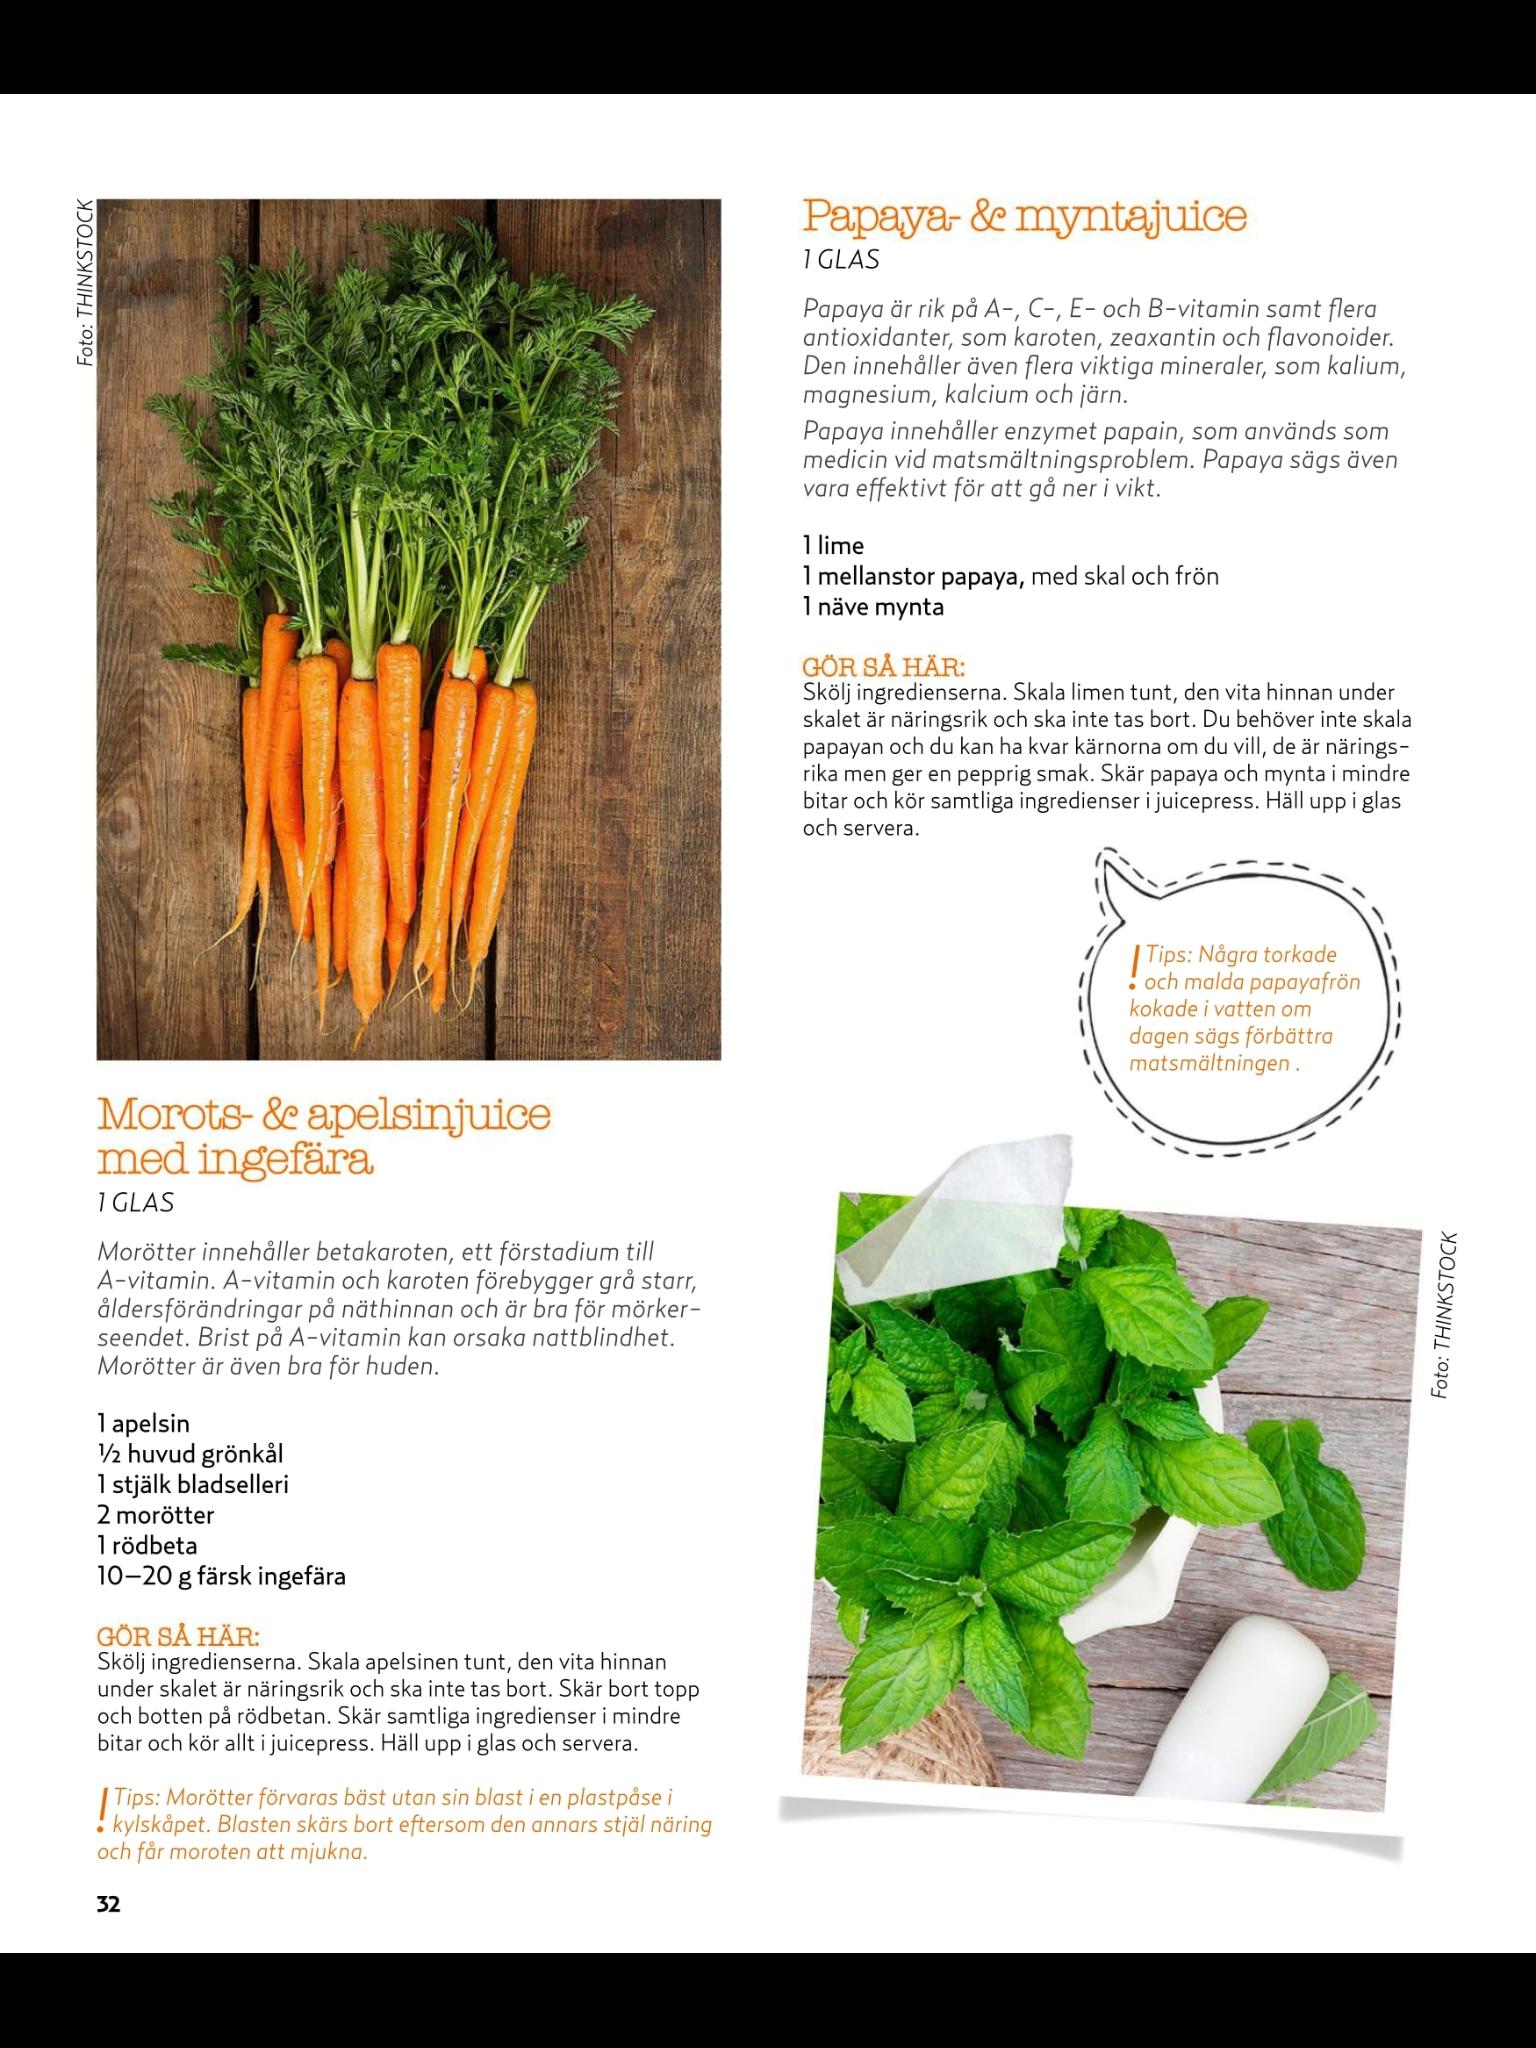 Morötter c vitamin